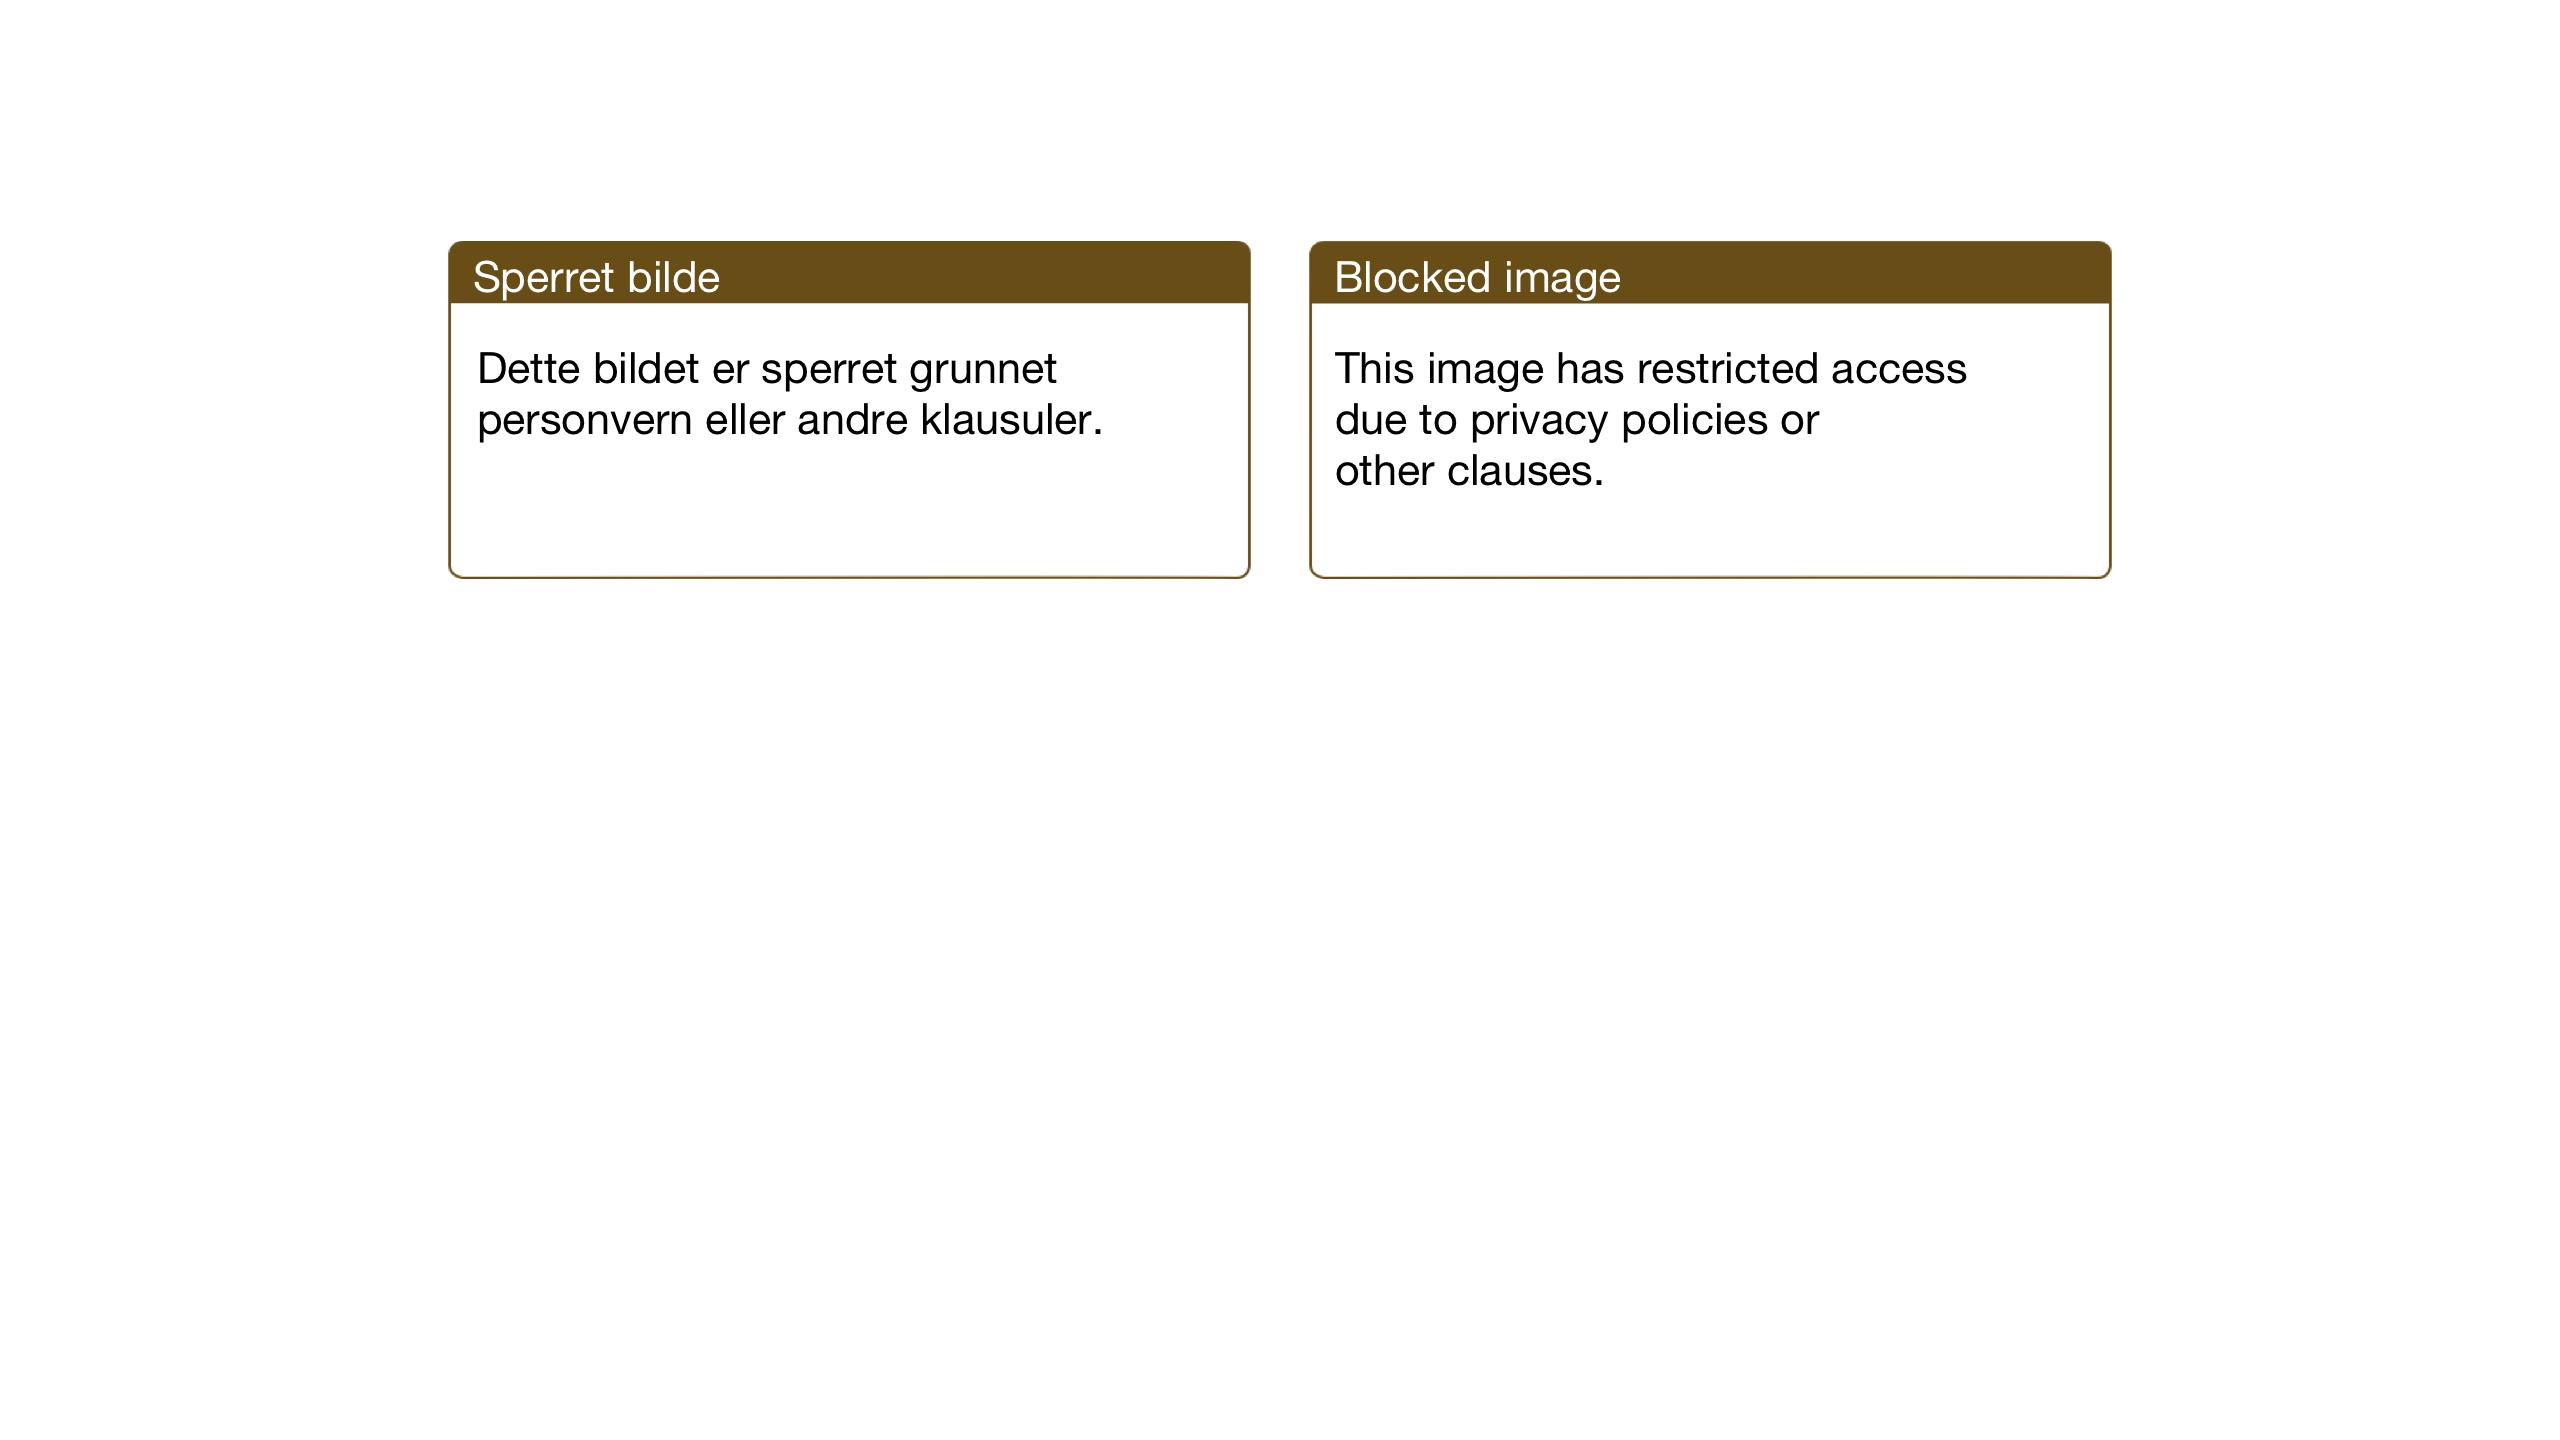 SAT, Ministerialprotokoller, klokkerbøker og fødselsregistre - Nord-Trøndelag, 741/L0403: Ministerialbok nr. 741C04, 1925-1944, s. 44